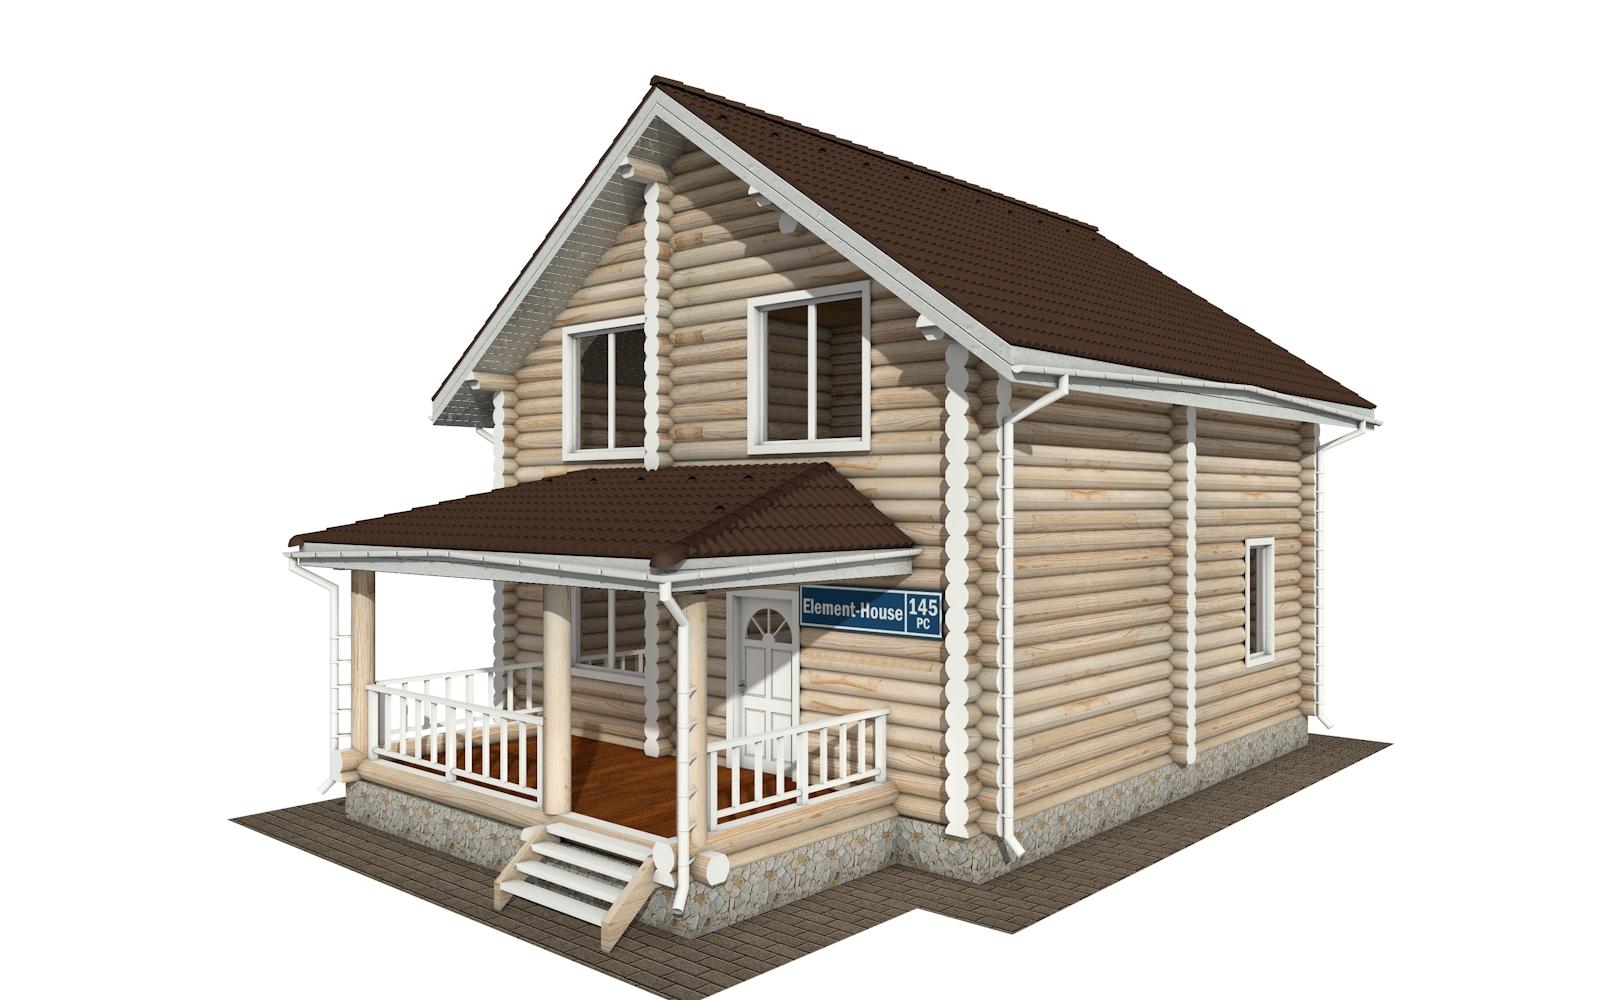 РС-145 - деревянный дома из бревна (из сруба)